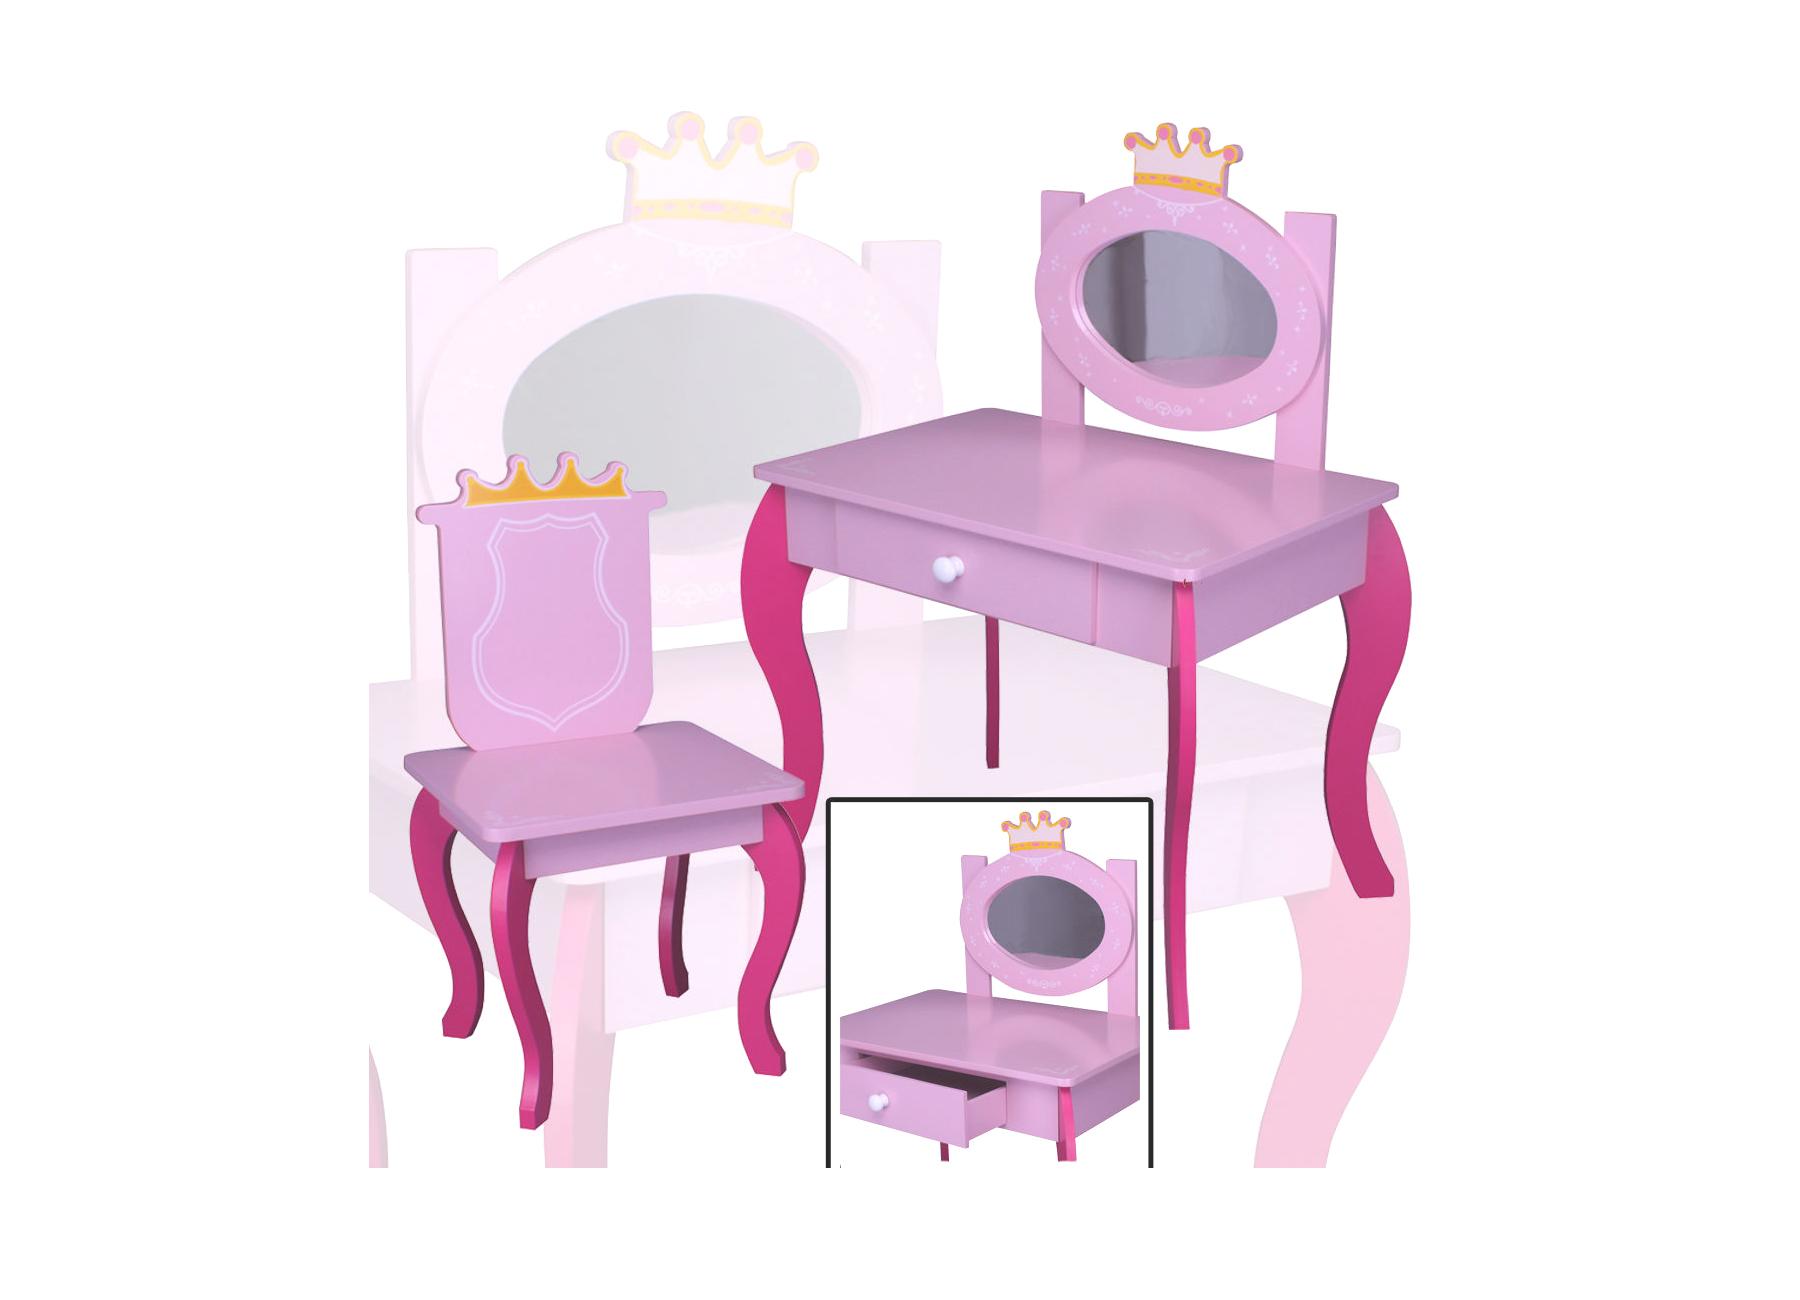 kinder schminktisch 120 pink rosa spiegel frisiertisch stuhl tisch mdf holz ebay. Black Bedroom Furniture Sets. Home Design Ideas